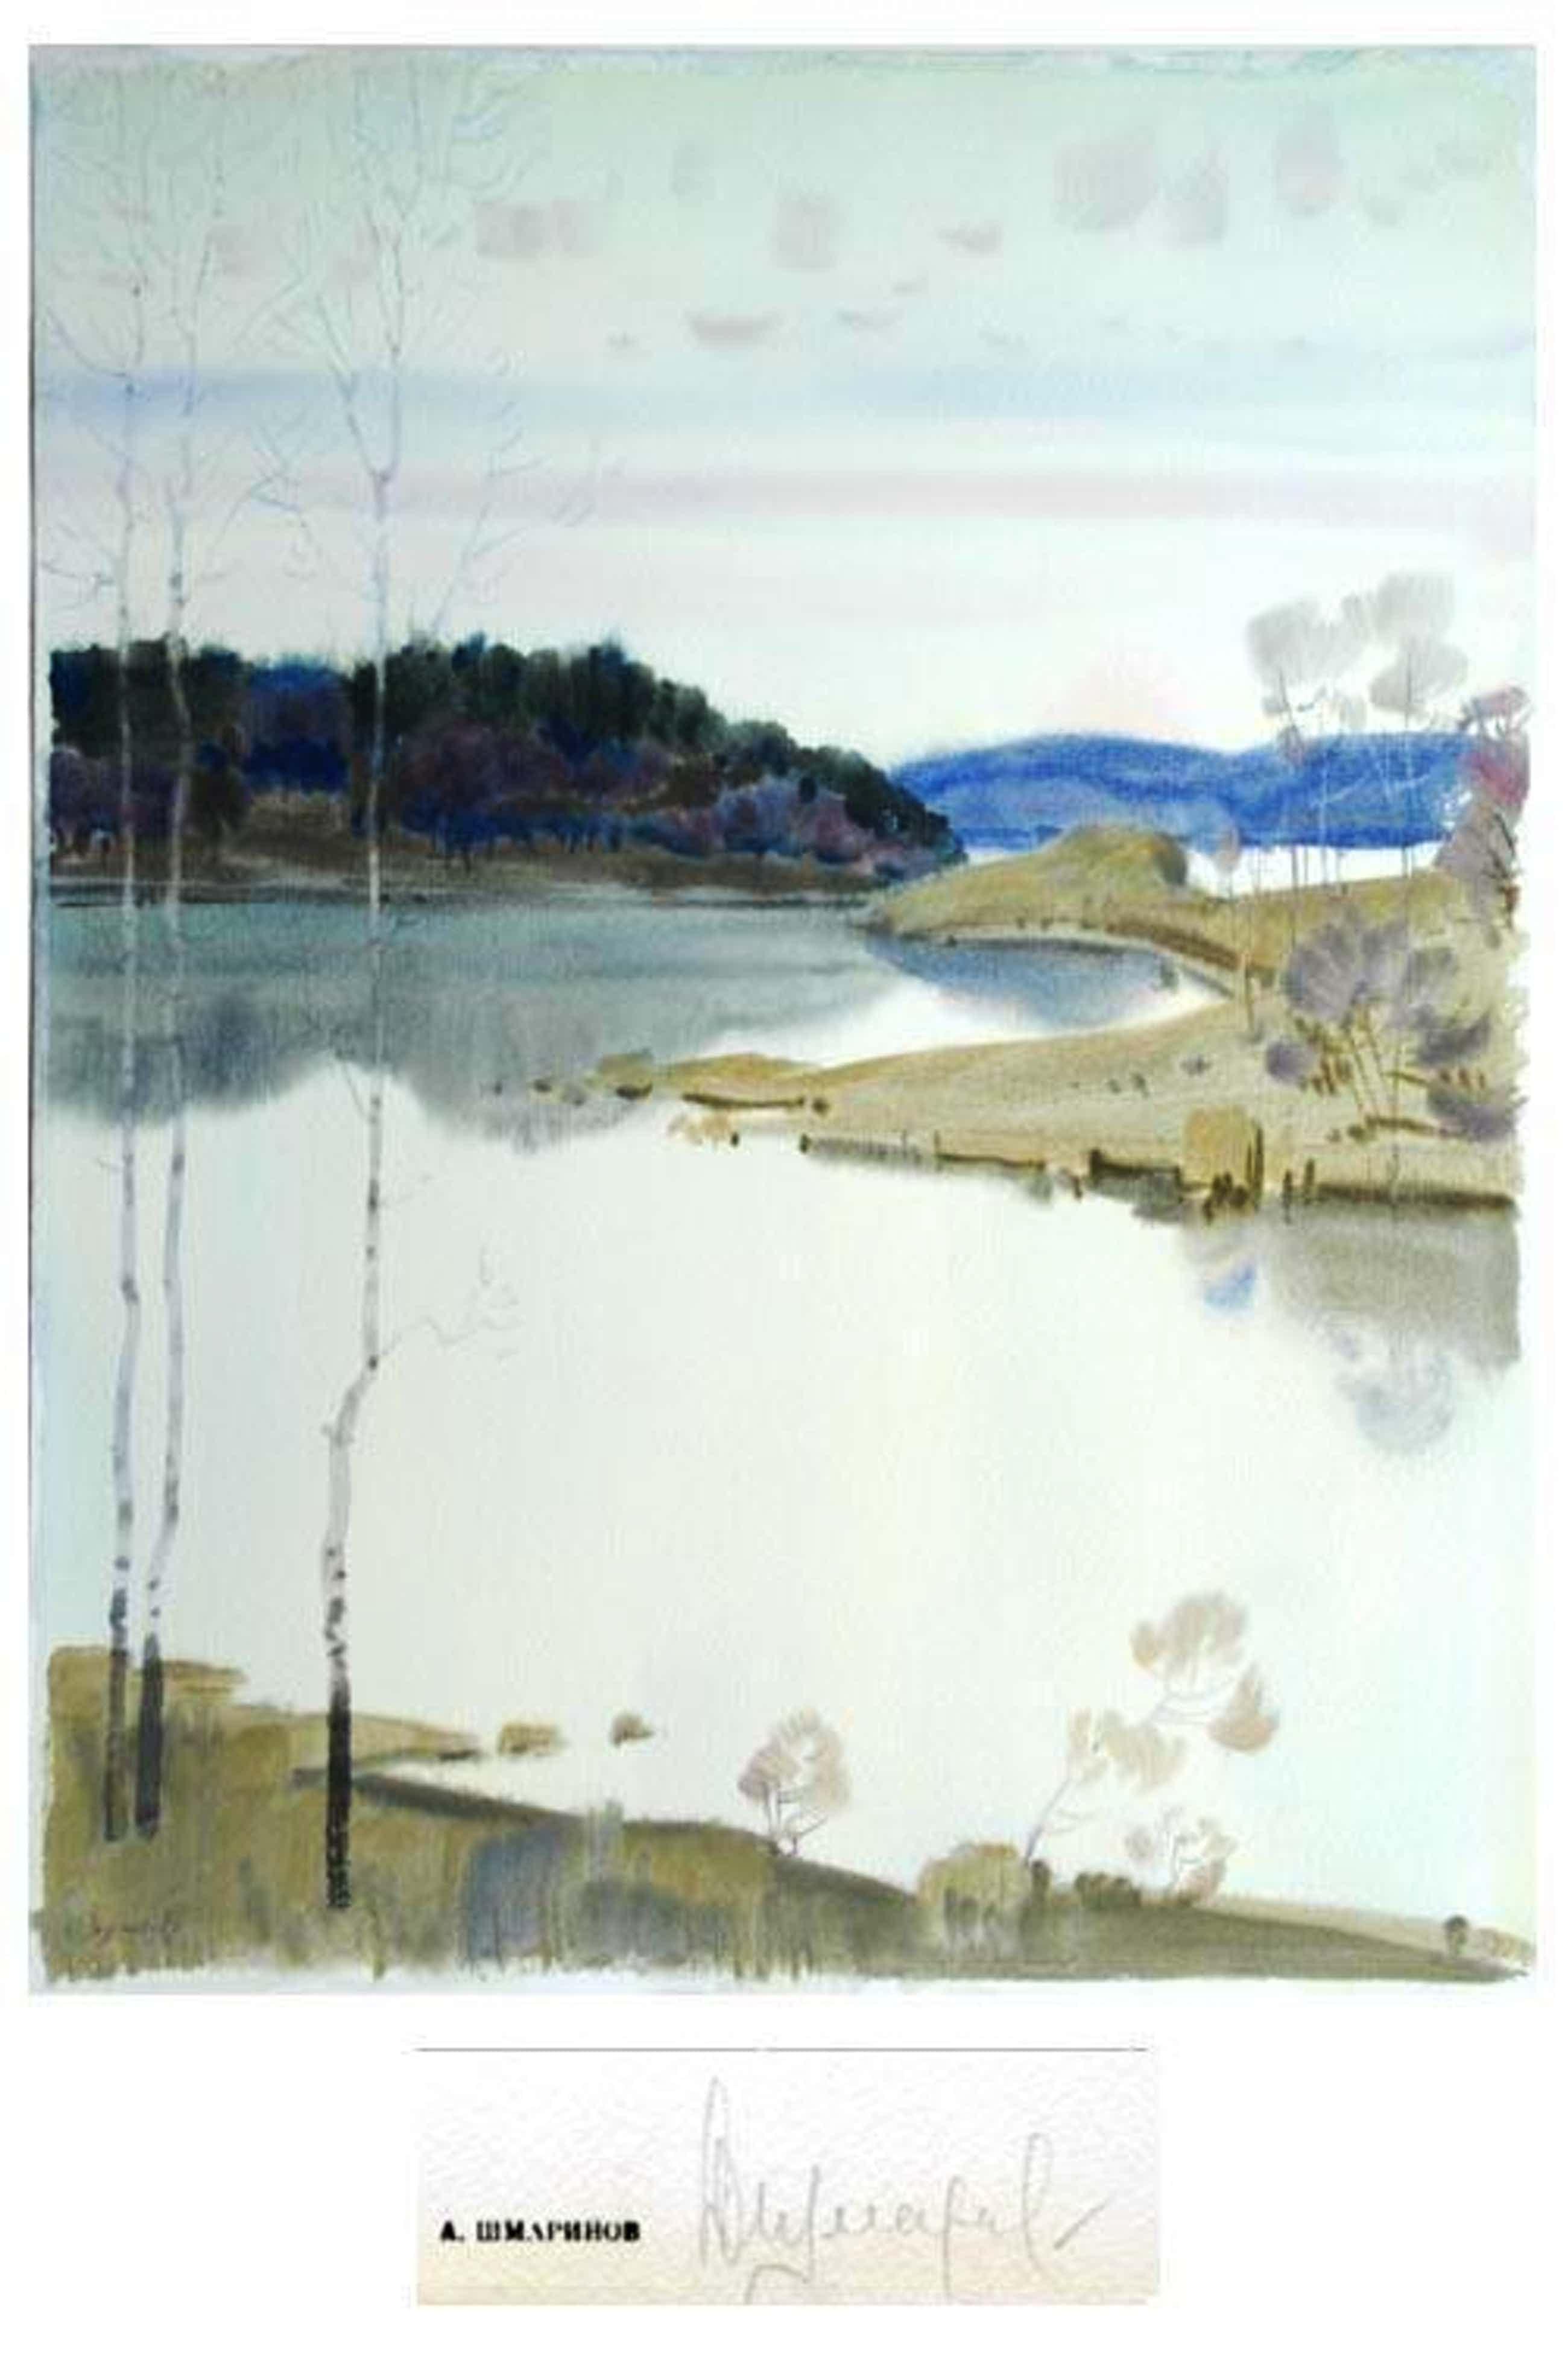 Alexey Shmarinov - Russische Seenlandschaft (Karelien), Aquarell, handsigniert kopen? Bied vanaf 1500!